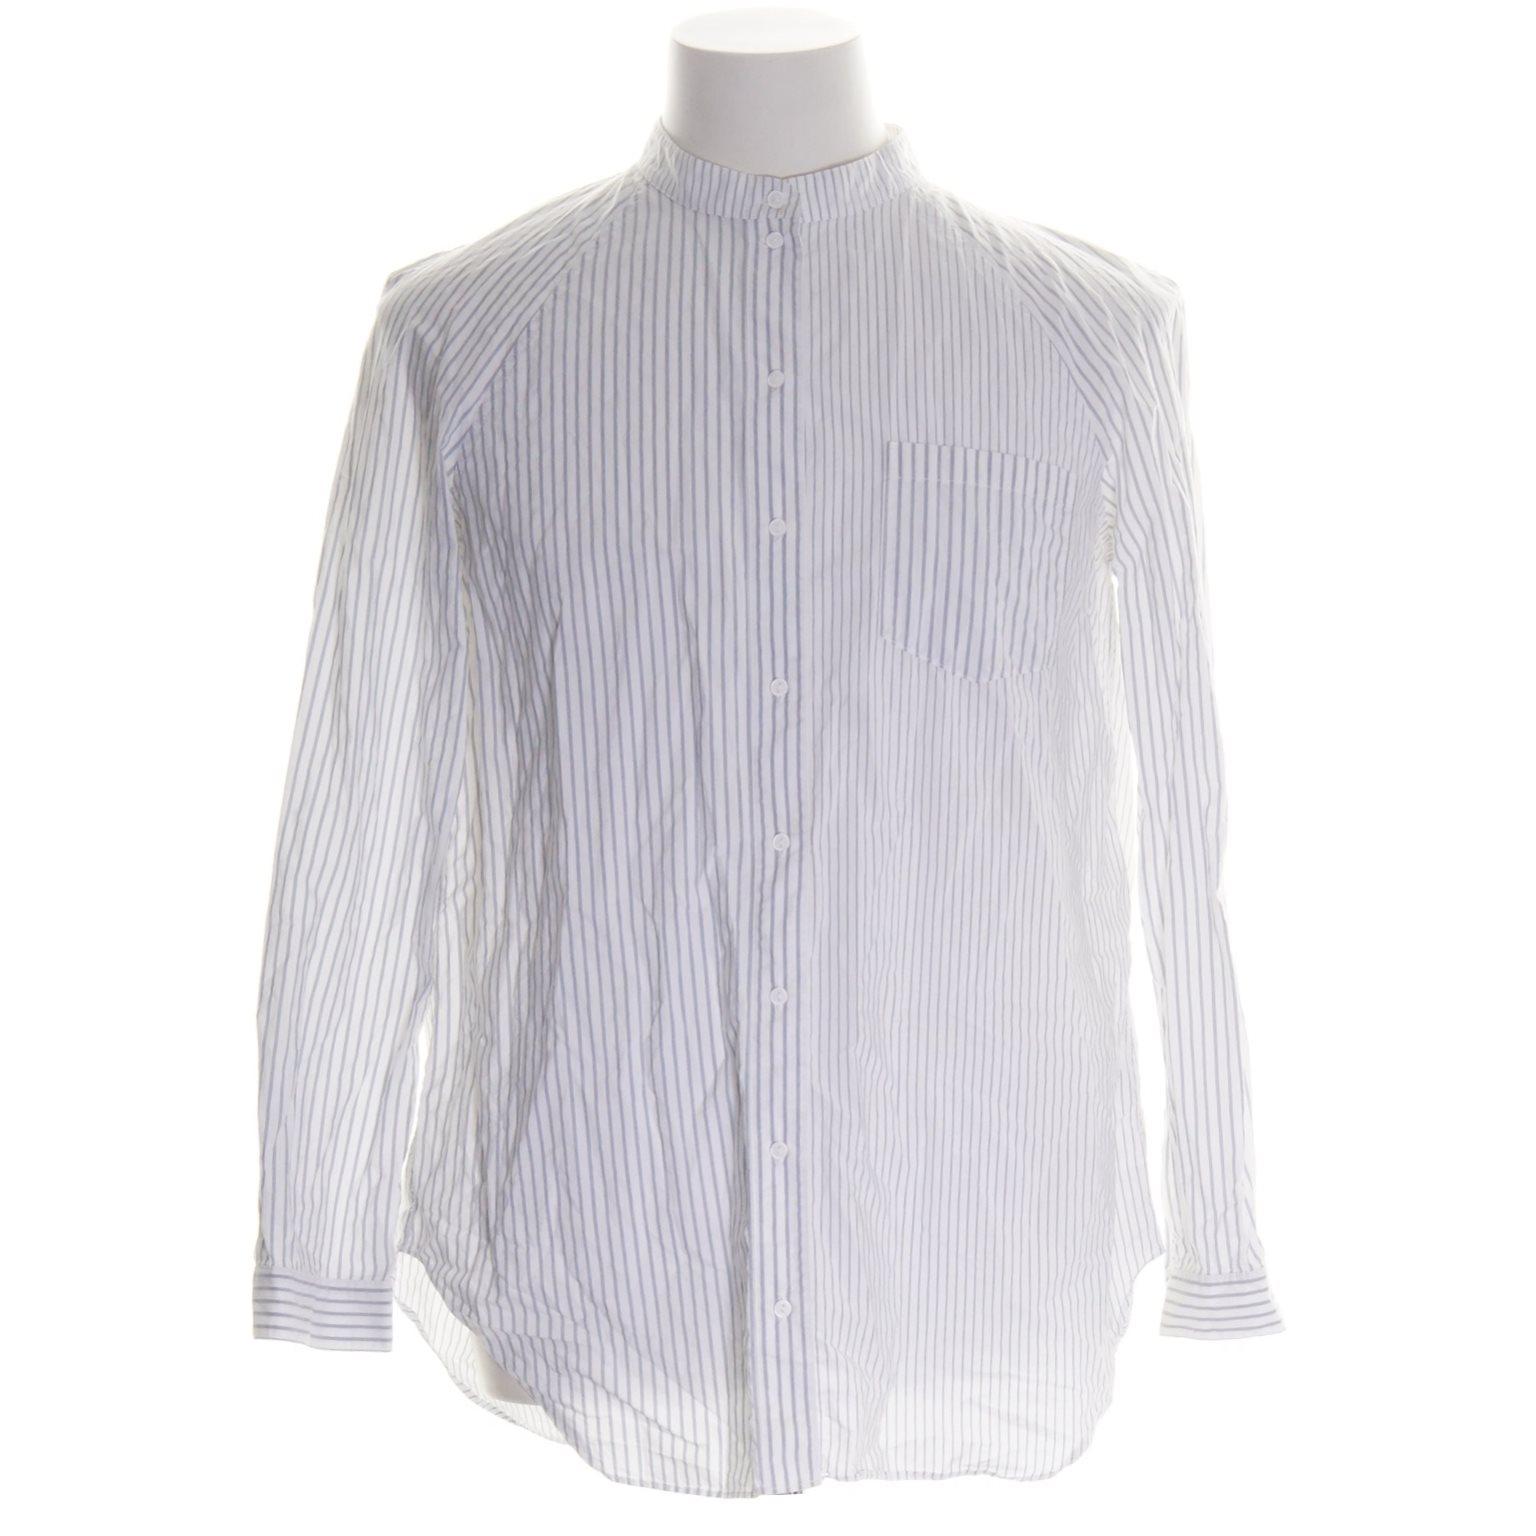 COS, Oxfordskjorta, Strl: 38, Vit/Blå, Bomull